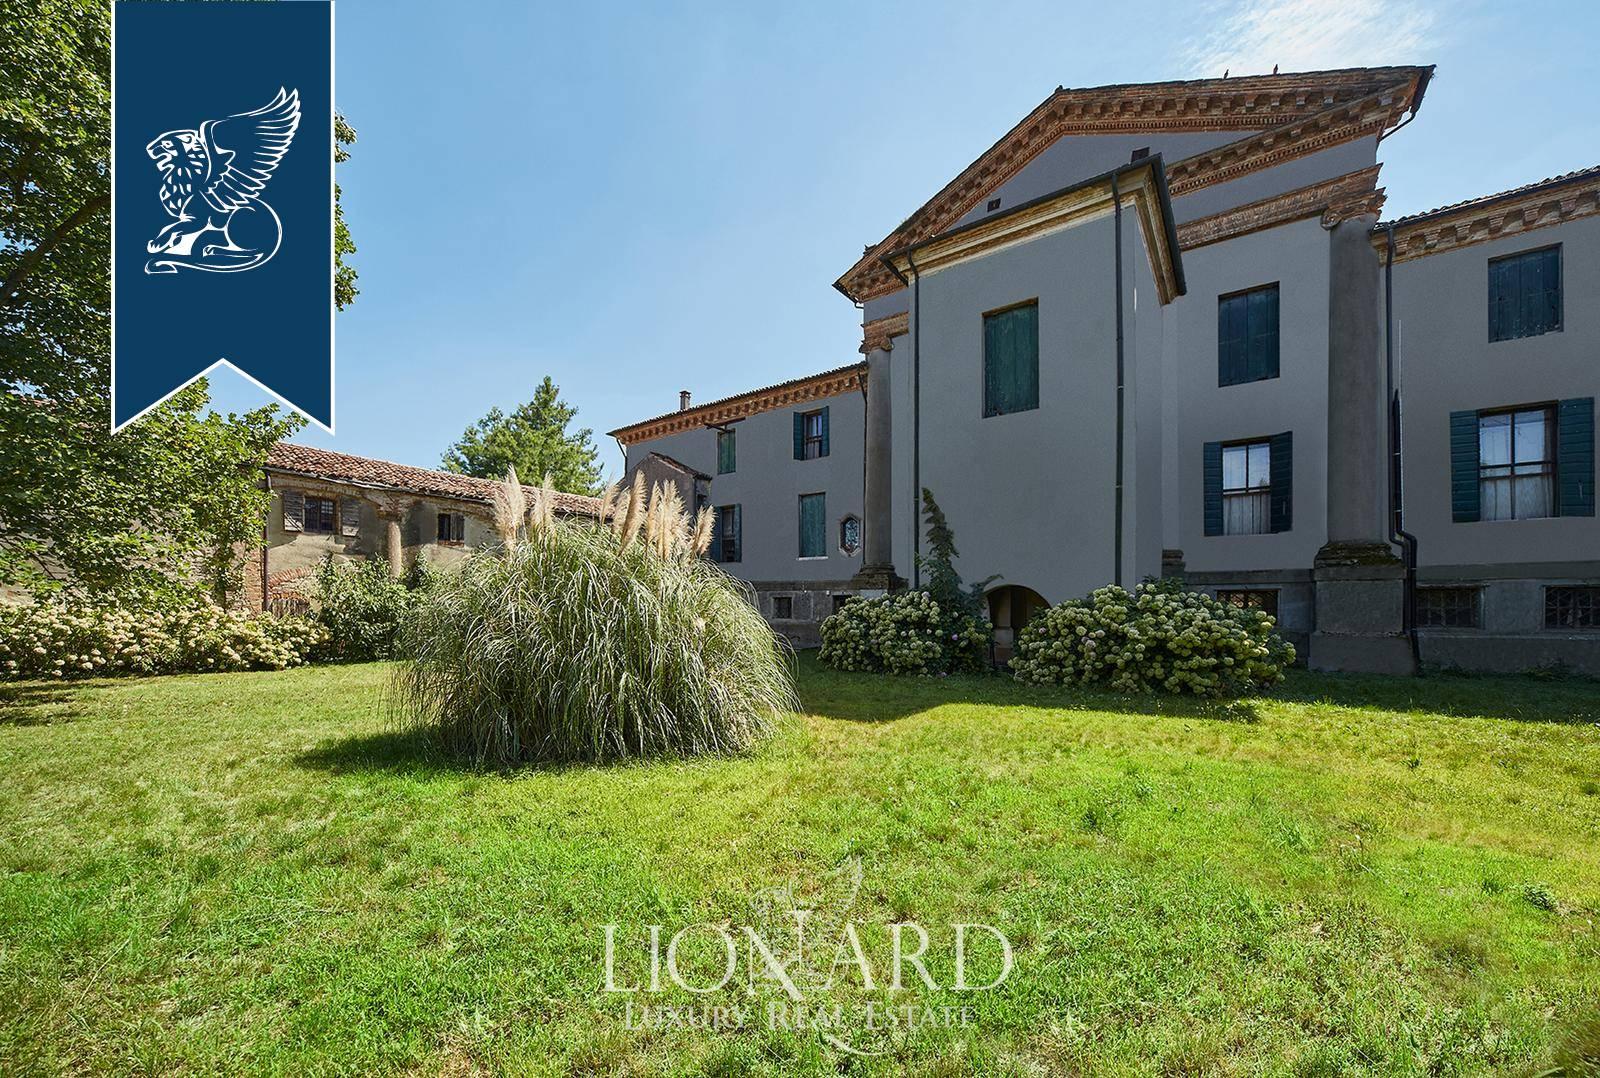 Villa in Vendita a Abano Terme: 0 locali, 6400 mq - Foto 8